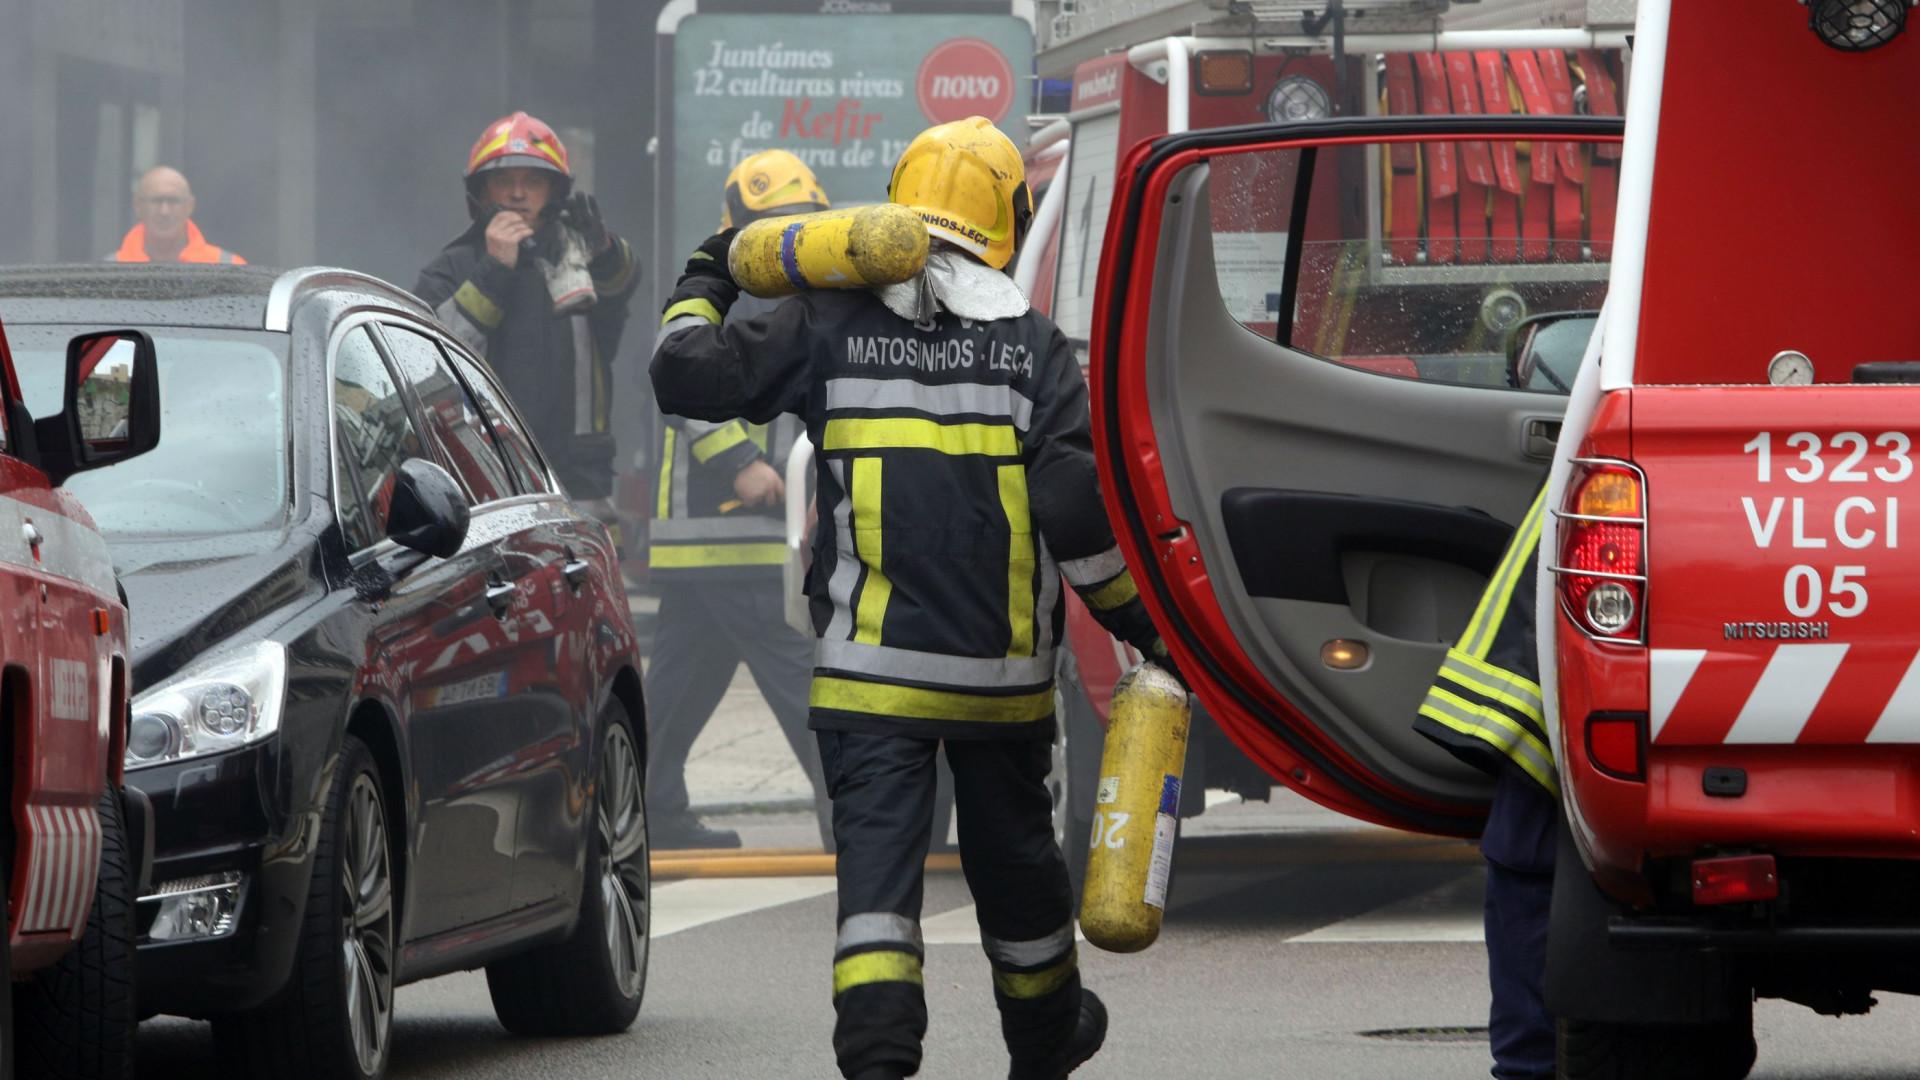 Autocarro da Resende incendiou-se sem registo de vítimas